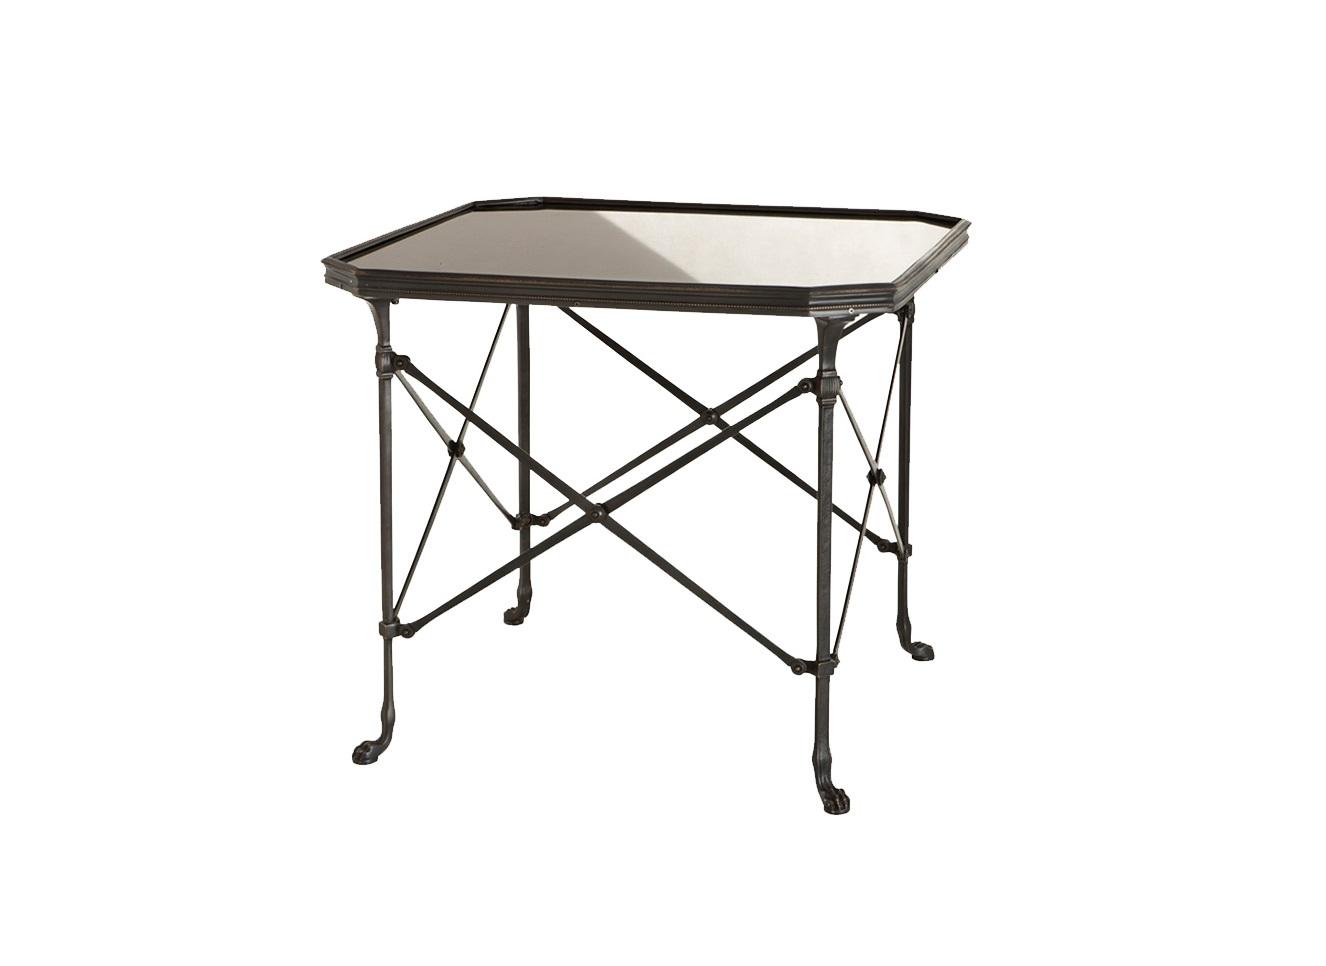 СтолЖурнальные столики<br>Столик с оригинальным дизайном Monte Carlo выполнен из пушечной бронзы. Столешница из мрамора.<br><br>Material: Мрамор<br>Ширина см: 63<br>Высота см: 55<br>Глубина см: 63